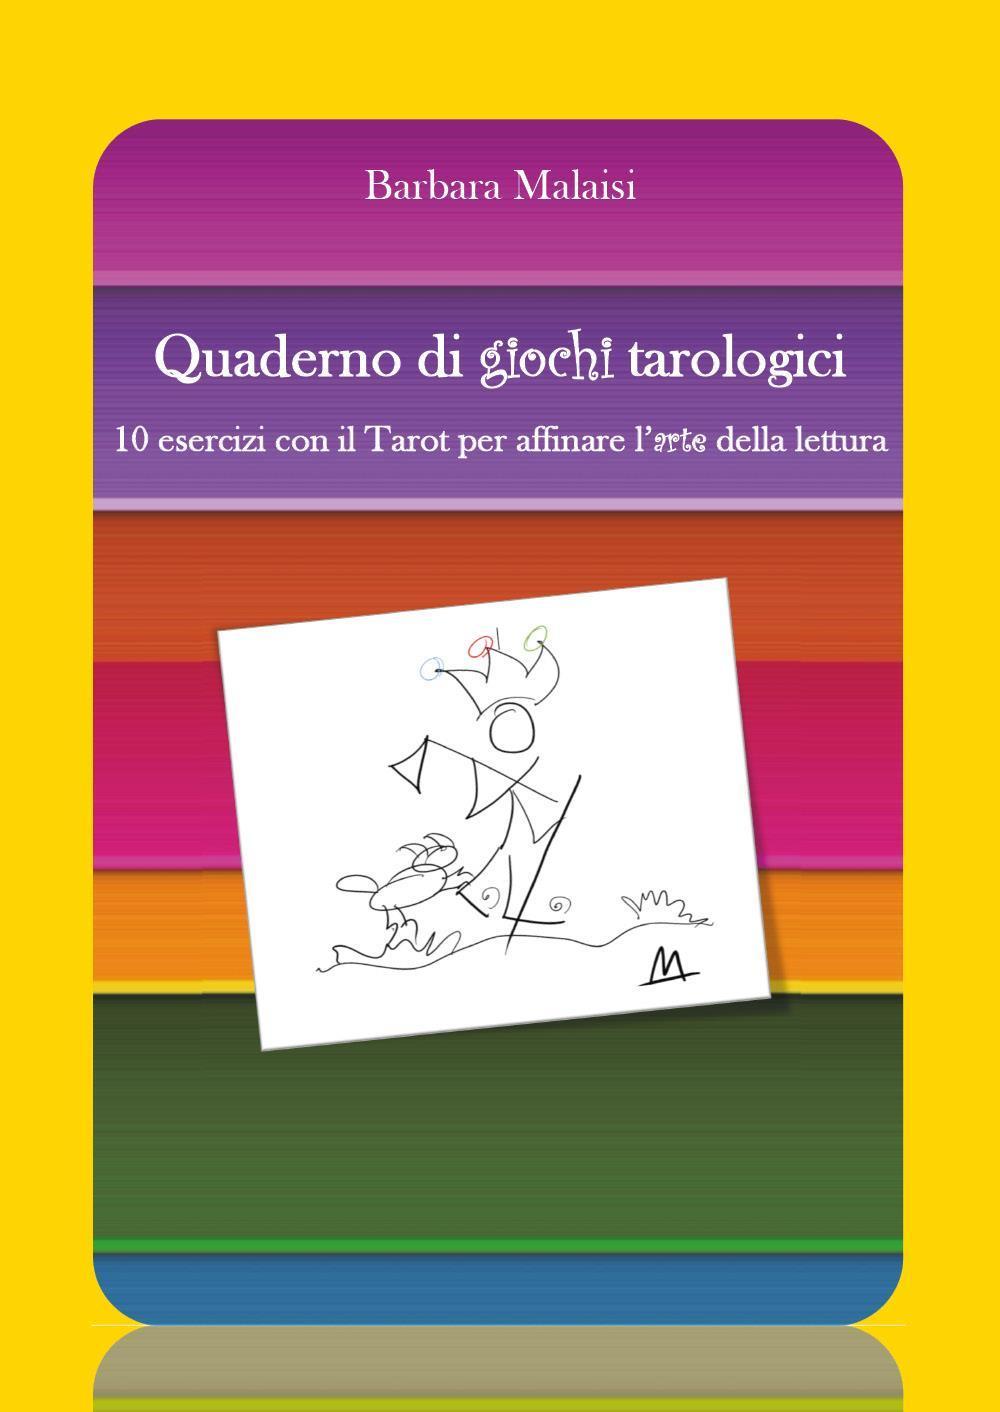 Quaderno di giochi tarologici. 10 esercizi con il Tarot per affinare l'arte della lettura.